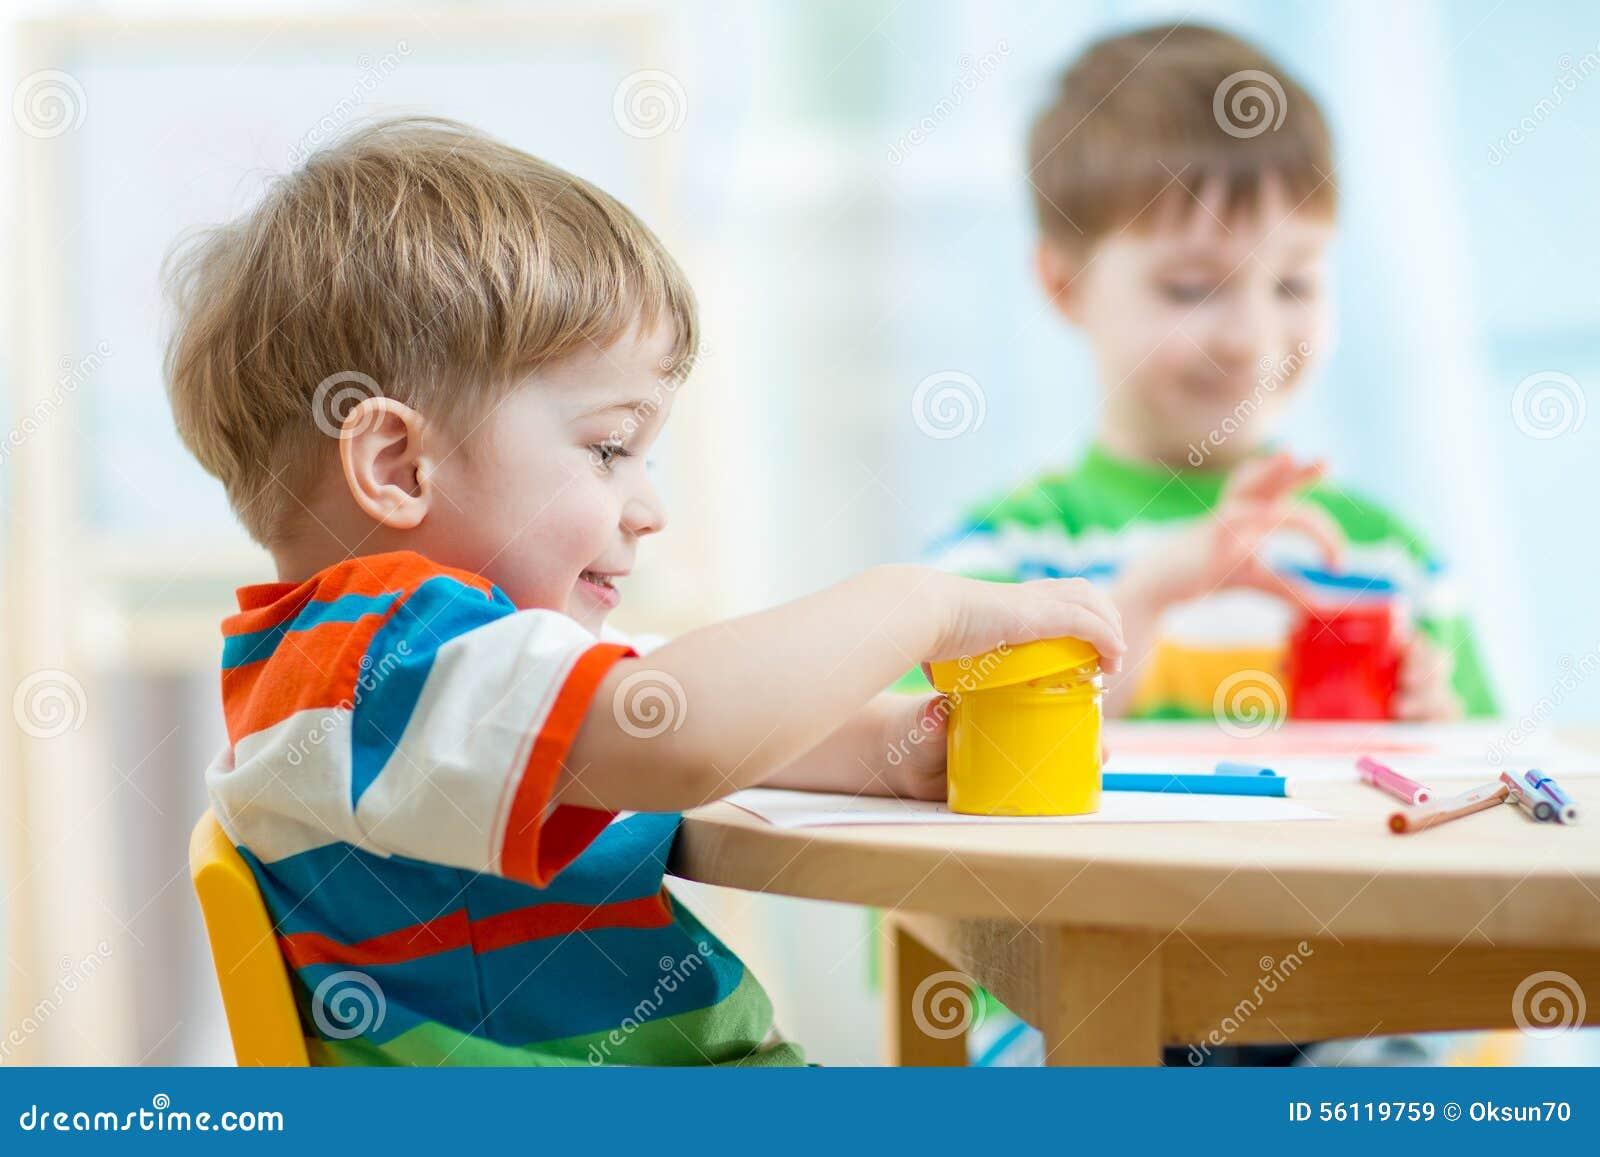 De kinderen spelen en schilderen thuis of kleuterschool of playschool stock foto afbeelding - Schilderen kind jongen ...